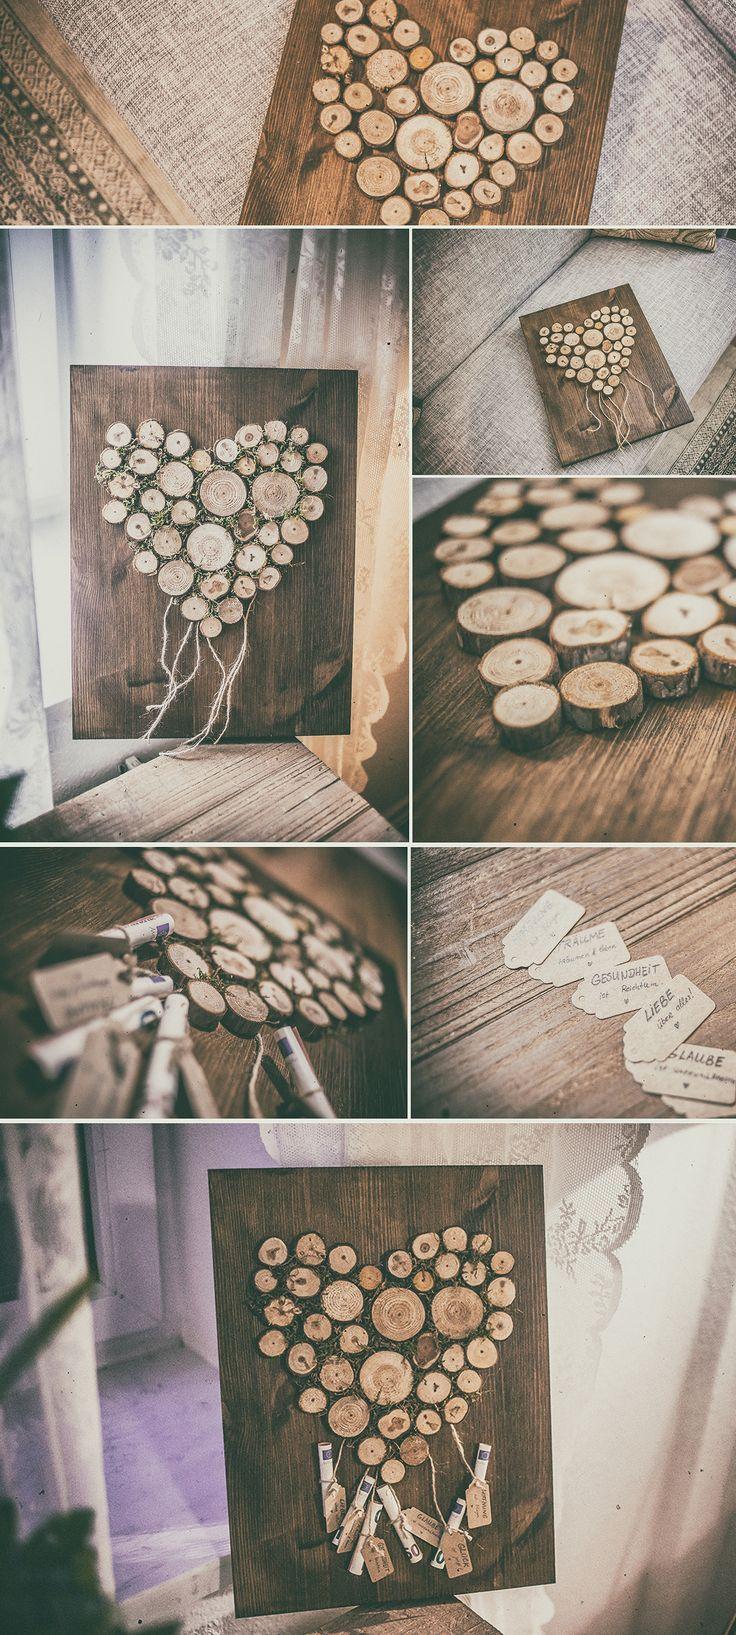 Hochzeitsgeschenk Inspiration – Ein Herz aus Holzscheiben und Moos aufgeklebt au… – Geburtstagsgeschenk